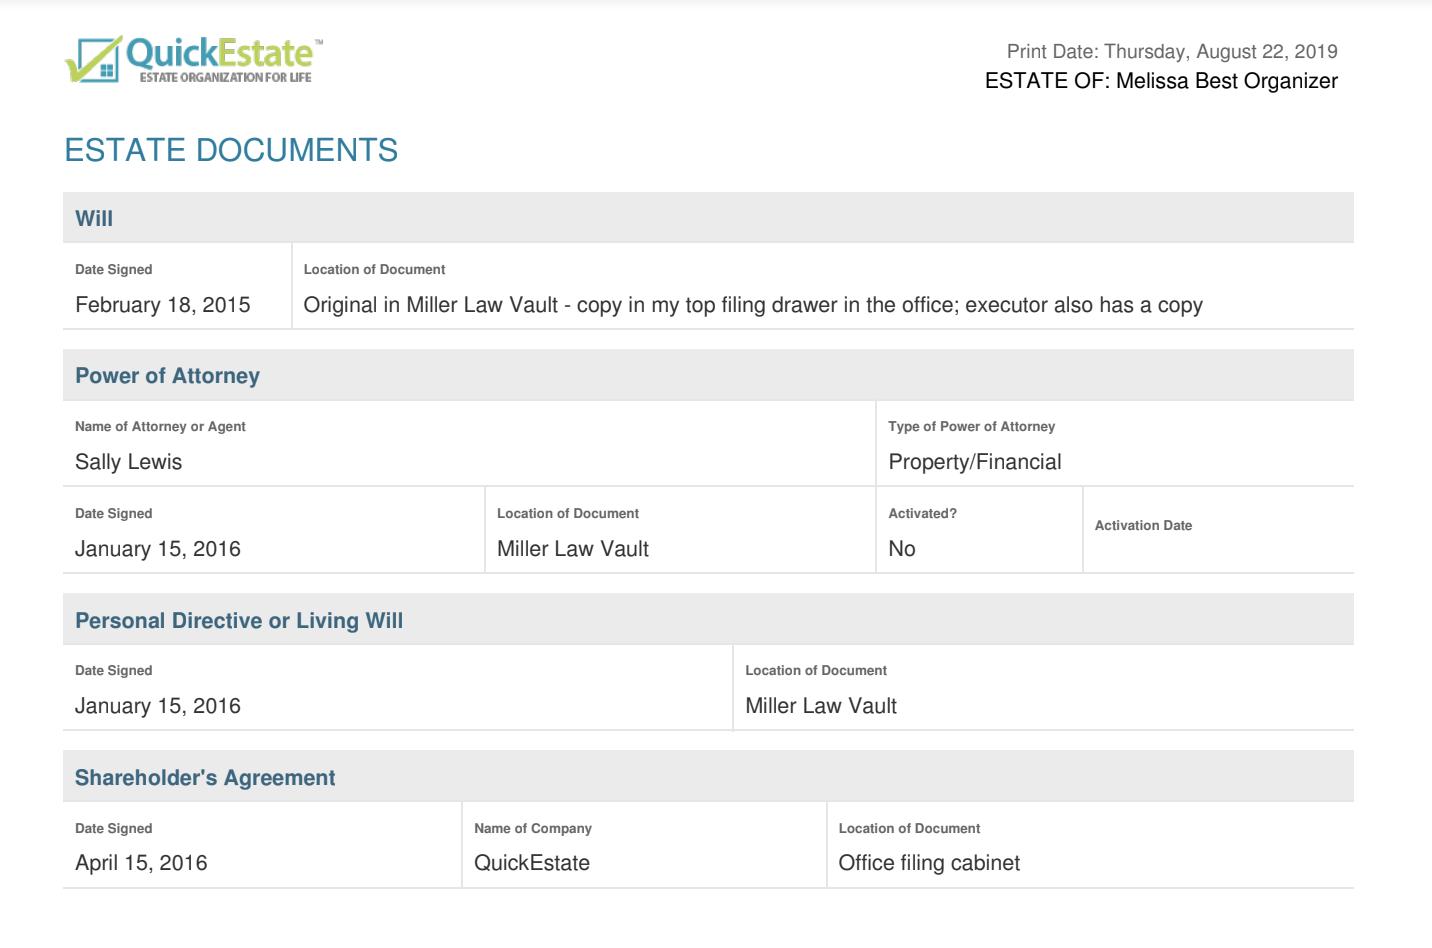 quick estate documents